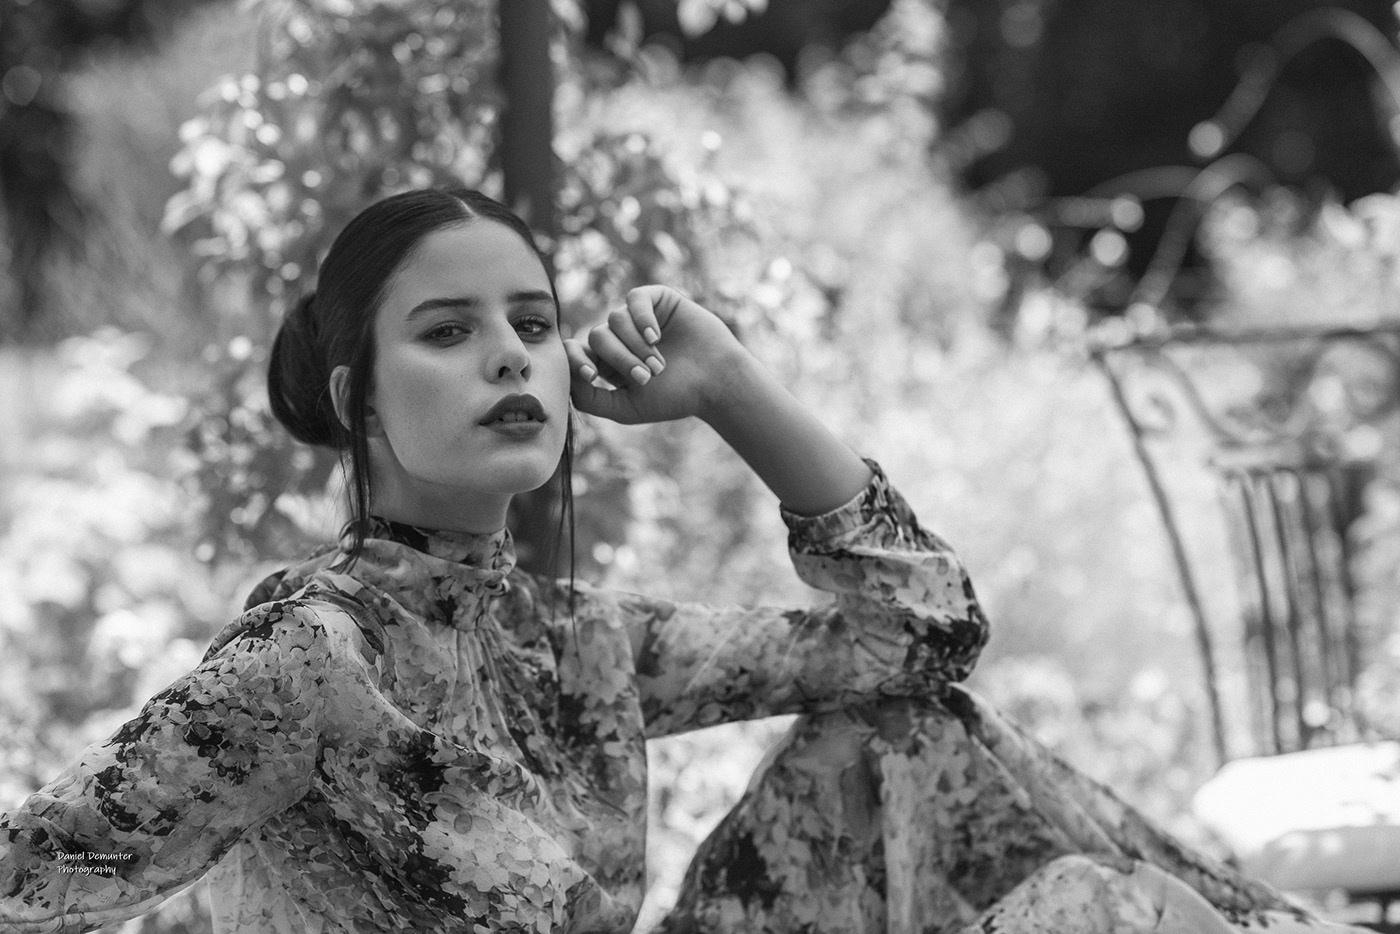 Gaia Pomponi - Fashion shoot / фотограф Daniel Demunter